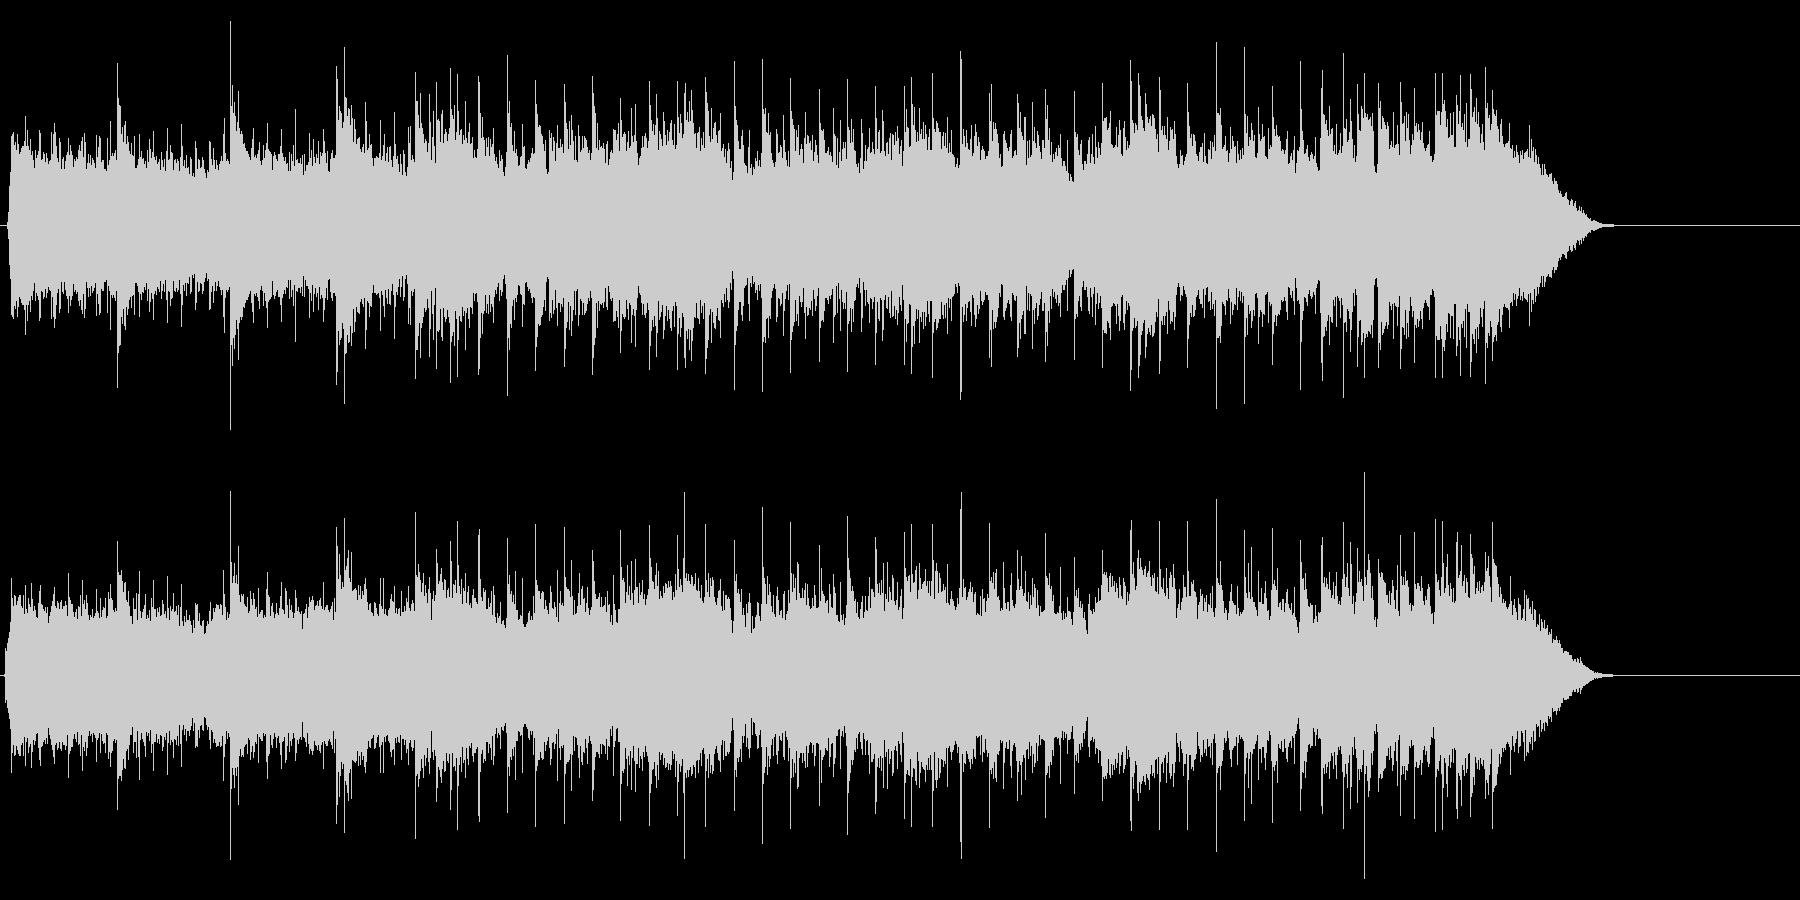 パワフルなギターロックの未再生の波形